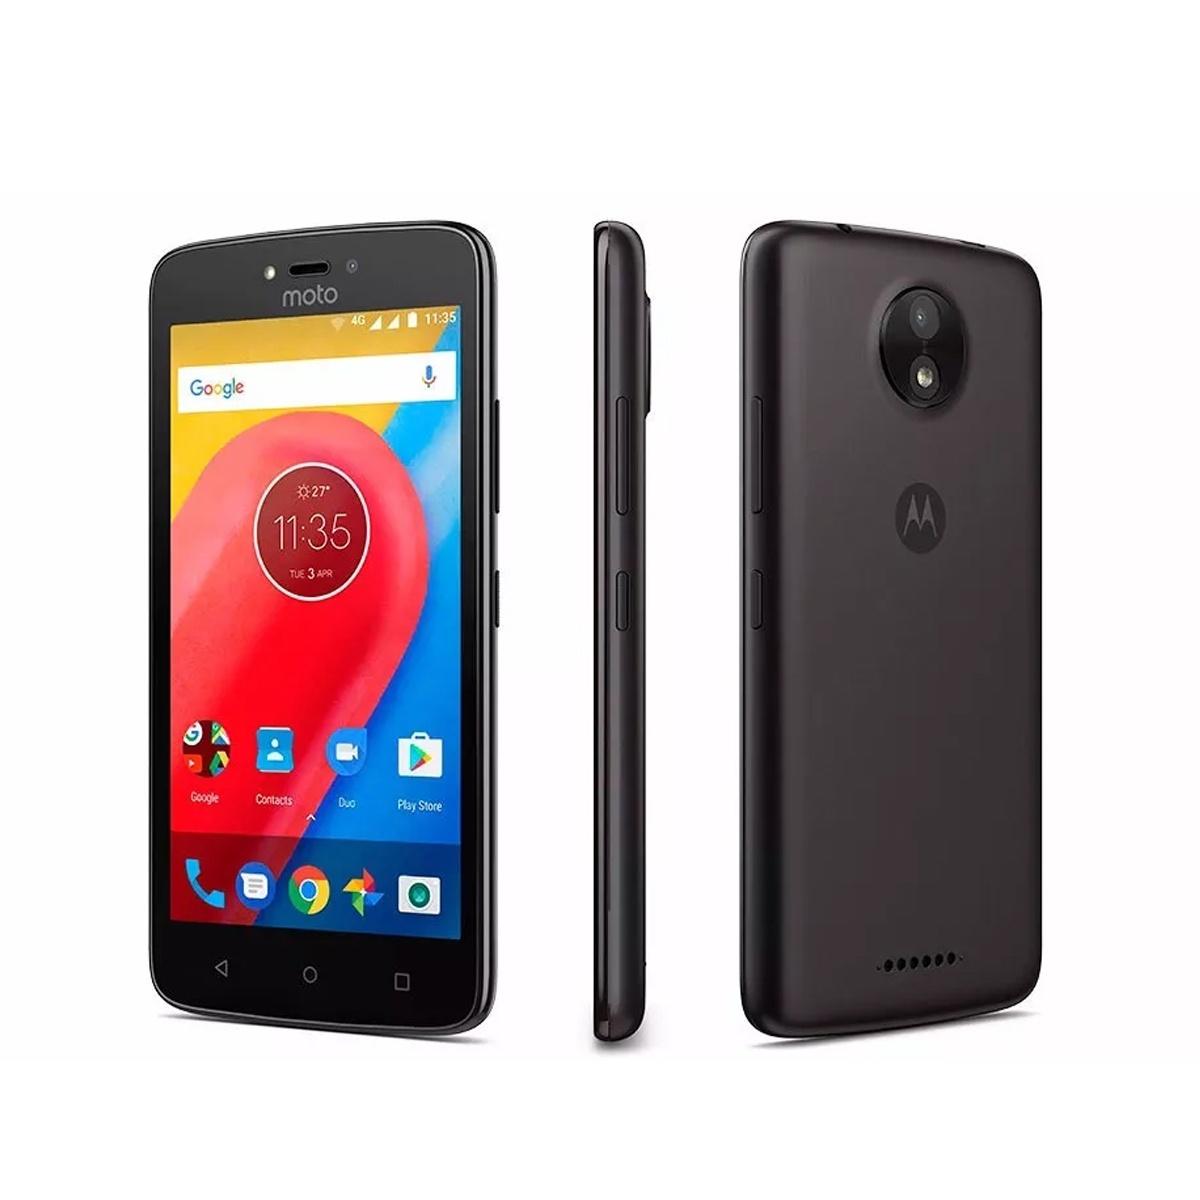 Motorola Moto C 8gb Negro – C E Online – Celulares 02e7d79dbcf7